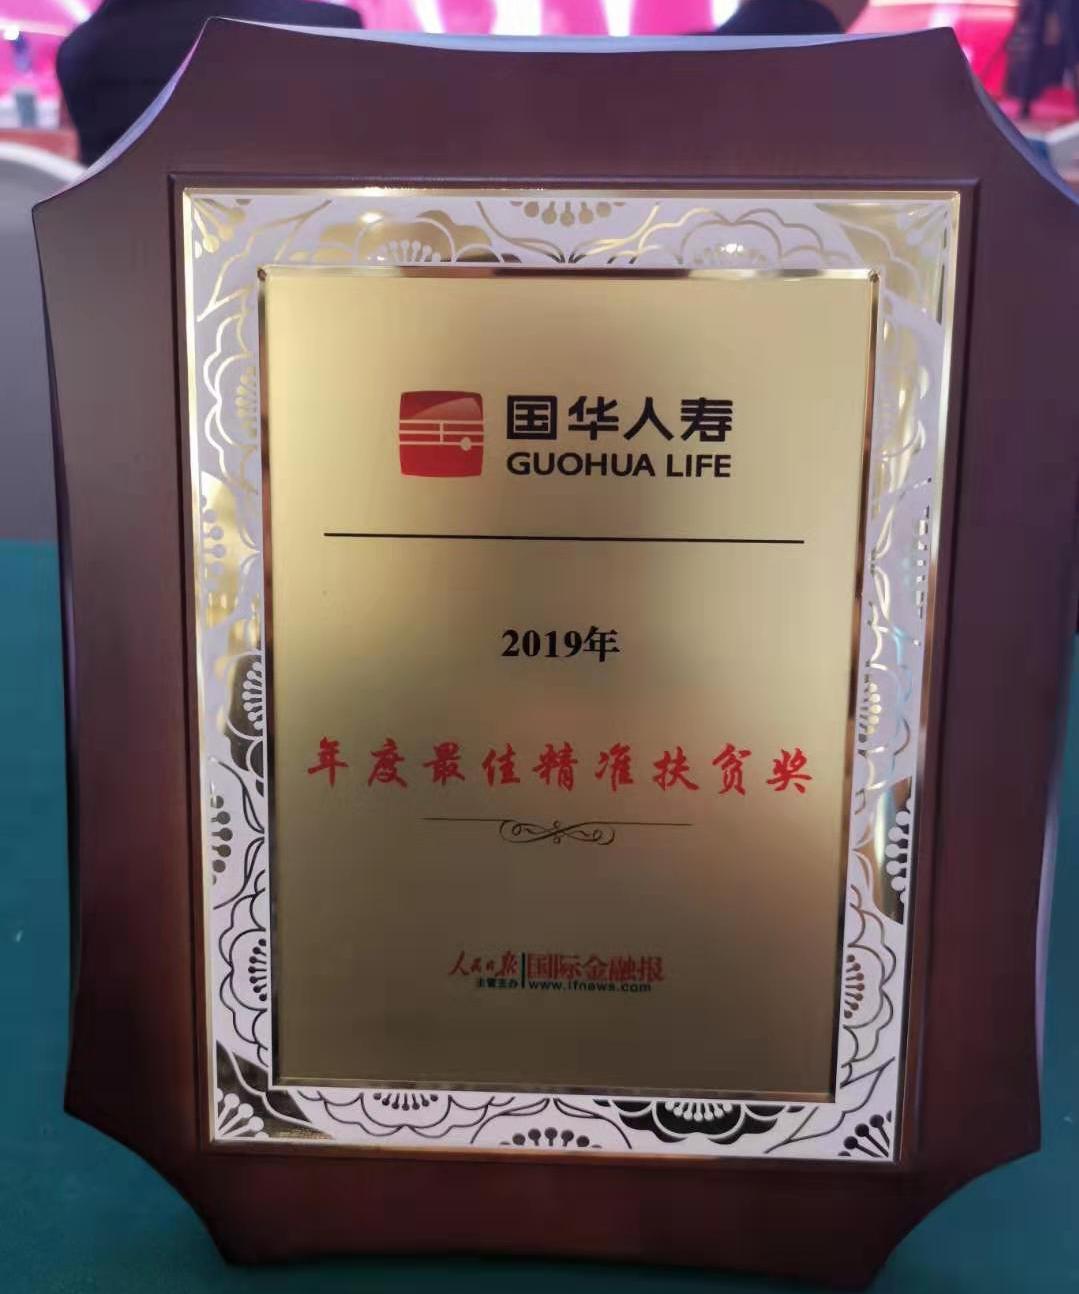 国华人寿:总分联动齐发力 精准